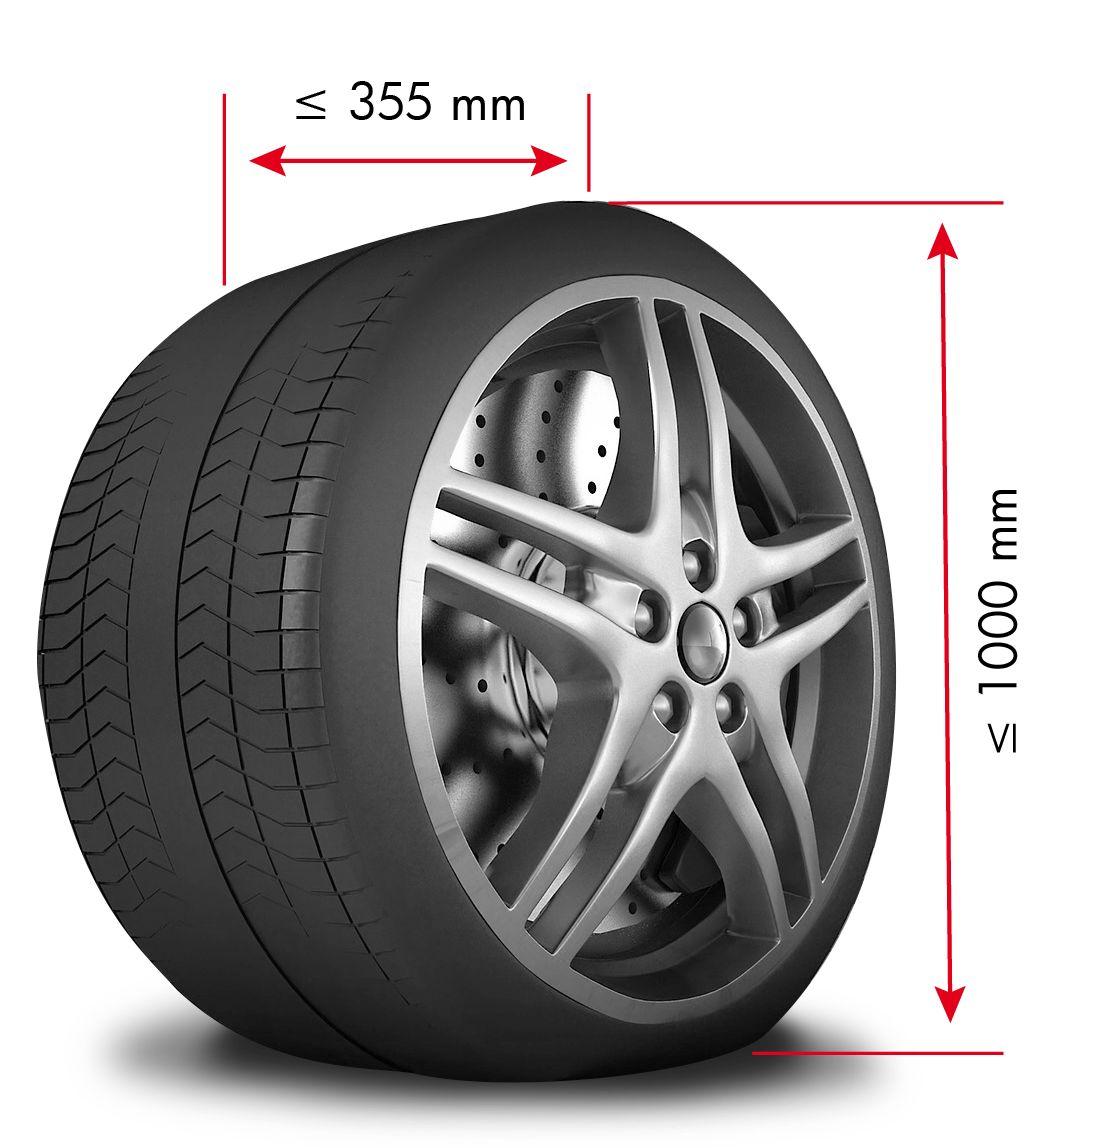 d monte pneu avec bras auxiliaire 3x380v d monte pneu garage d monte pneu m canique torros. Black Bedroom Furniture Sets. Home Design Ideas